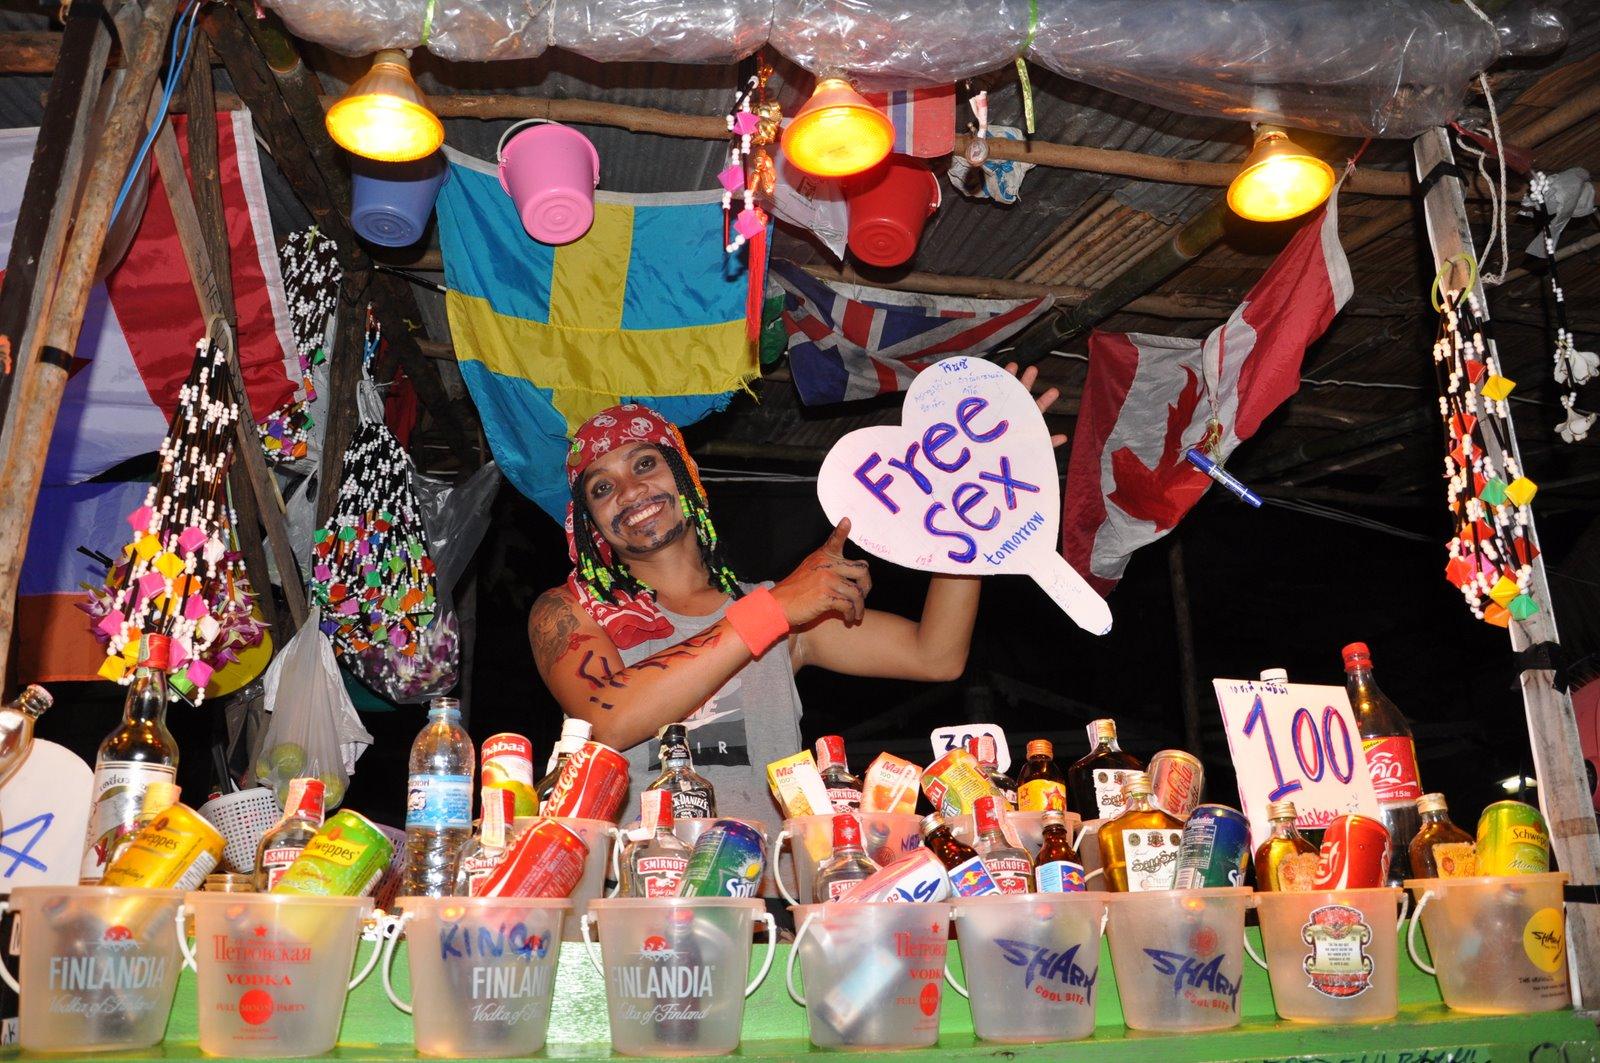 Sea, Sex And Moon Les Dessous De La Full Moon Party En Thalande-3654